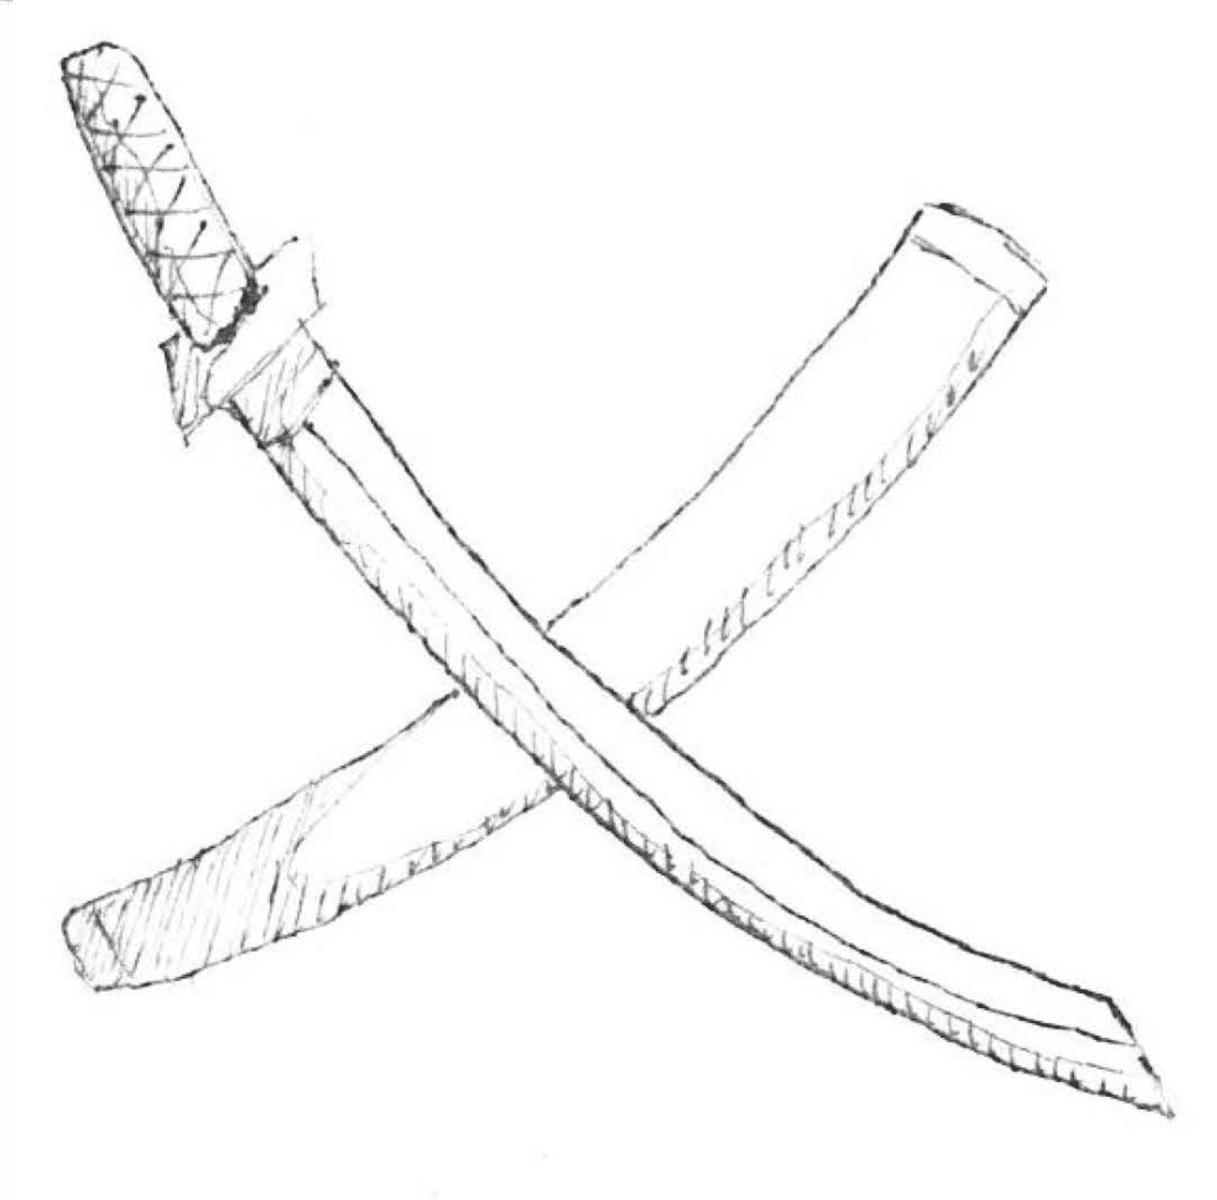 Blade of Raikou, image